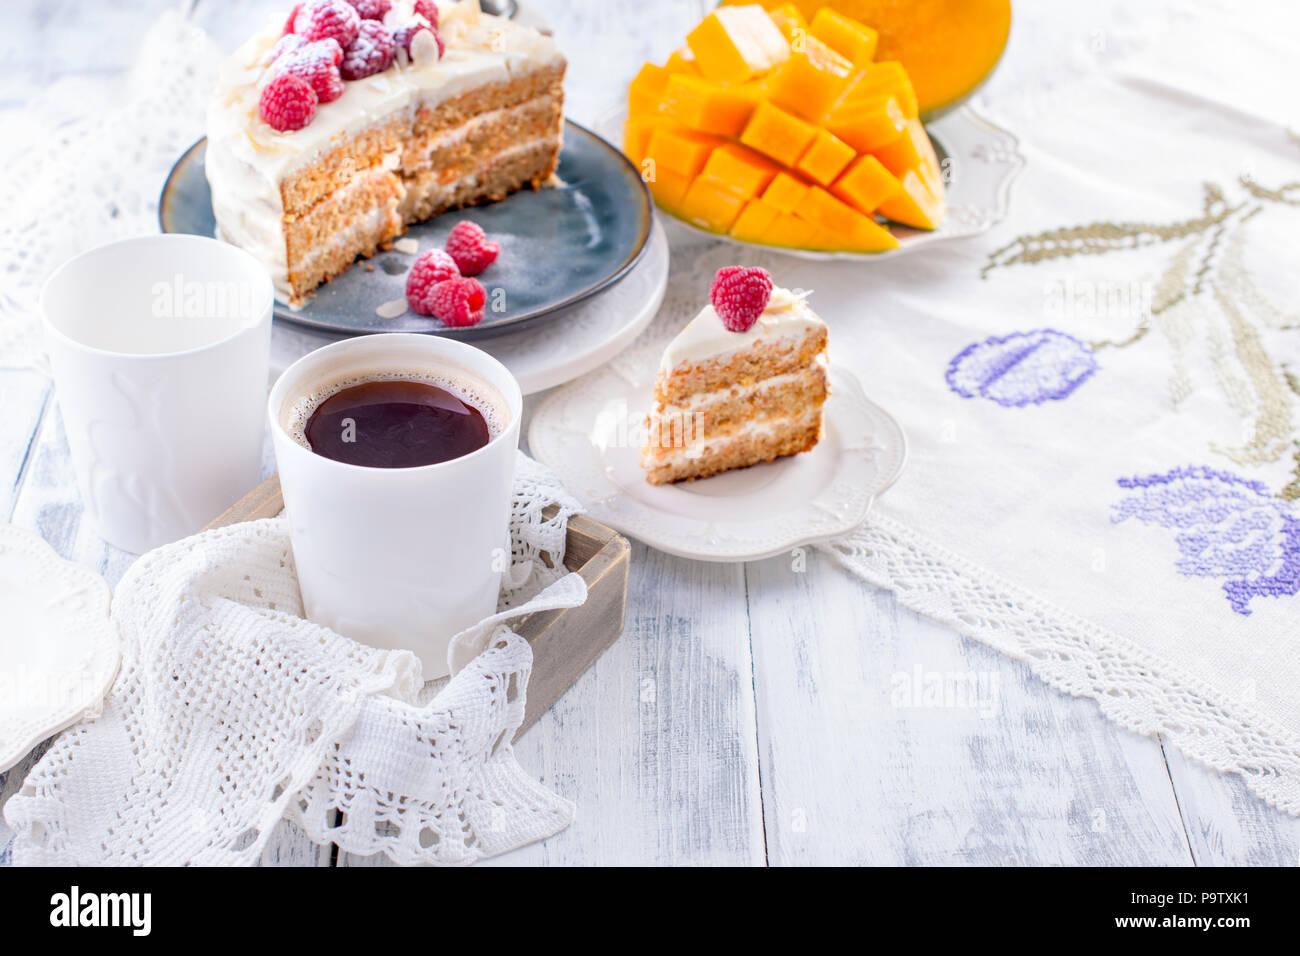 Cortar el pastel con crema blanca, para el desayuno. Una fruta de mango. Fondo blanco, manteles con encajes, una taza de café y espacio libre para texto o publicidad. Imagen De Stock